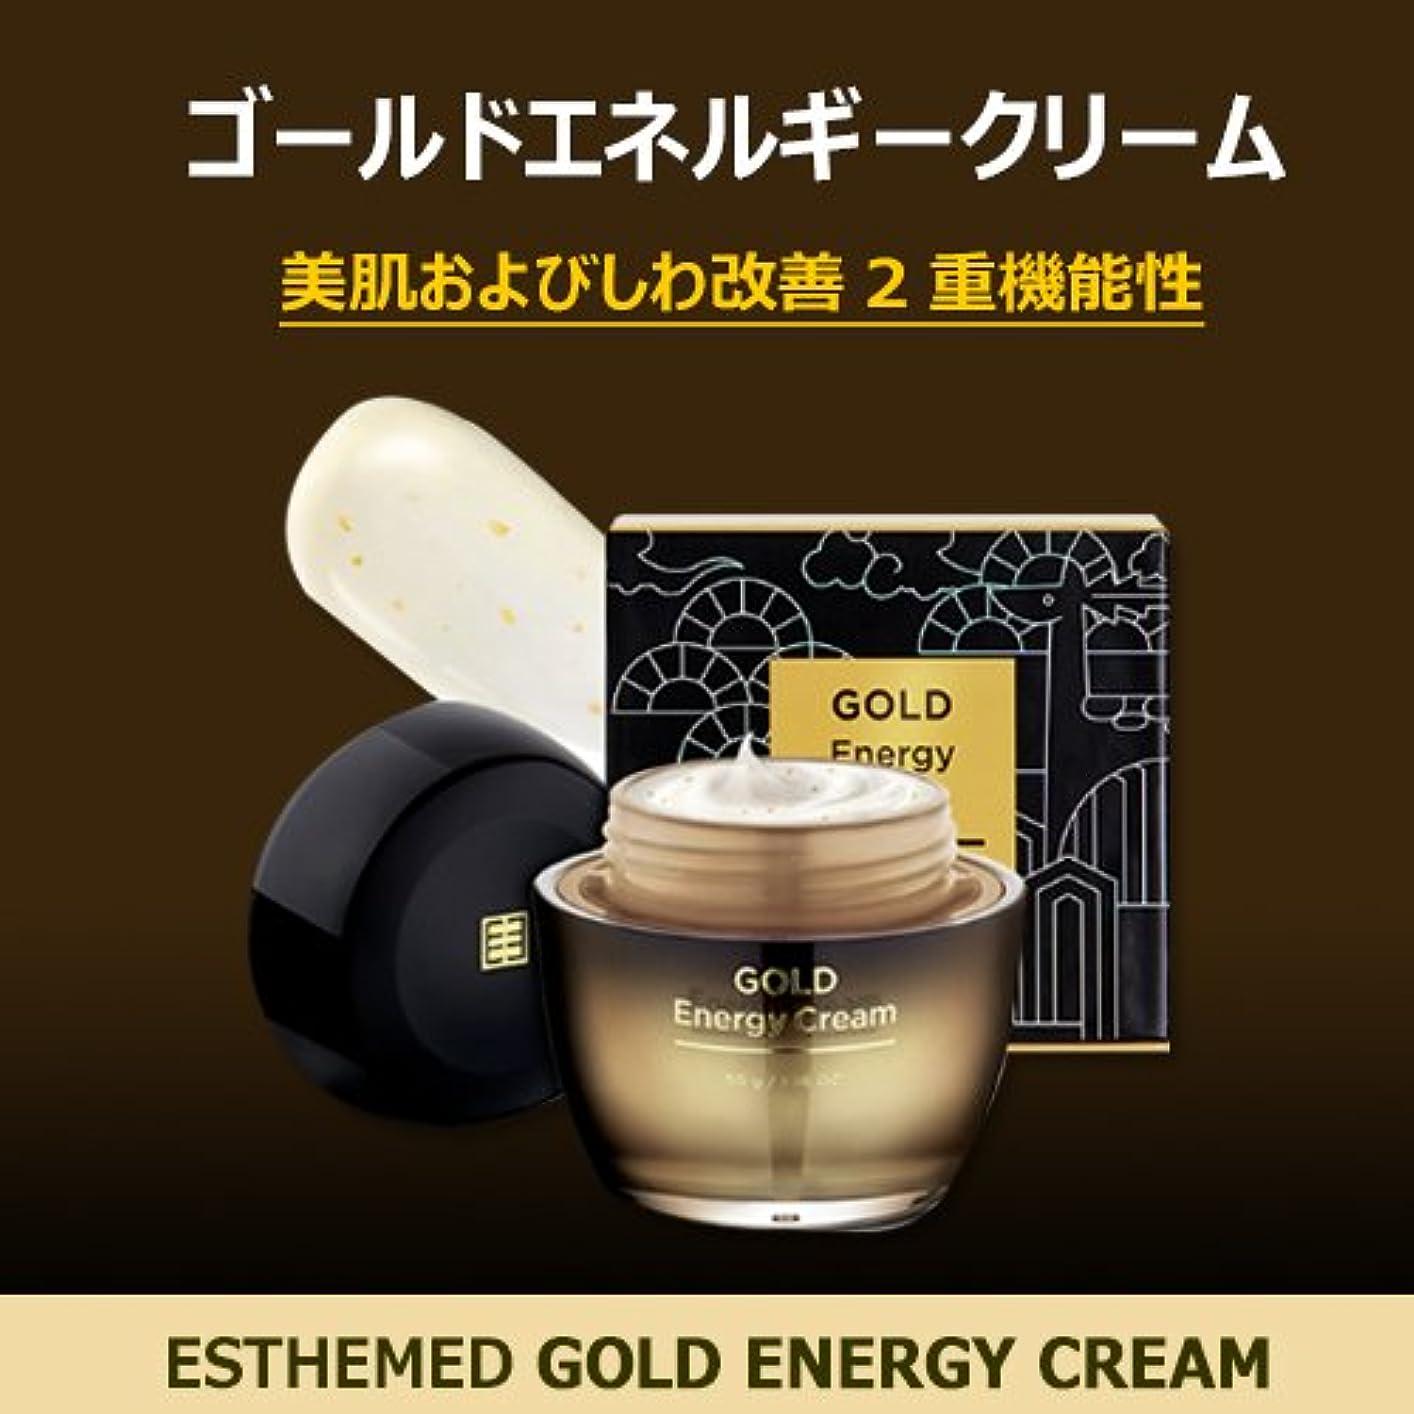 カリキュラム学校対人ESTHEMED エステメド ゴールド エネルギー クリーム GOLD Energy Cream 50g 【 シワ改善 美肌 保湿 回復 韓国コスメ 】